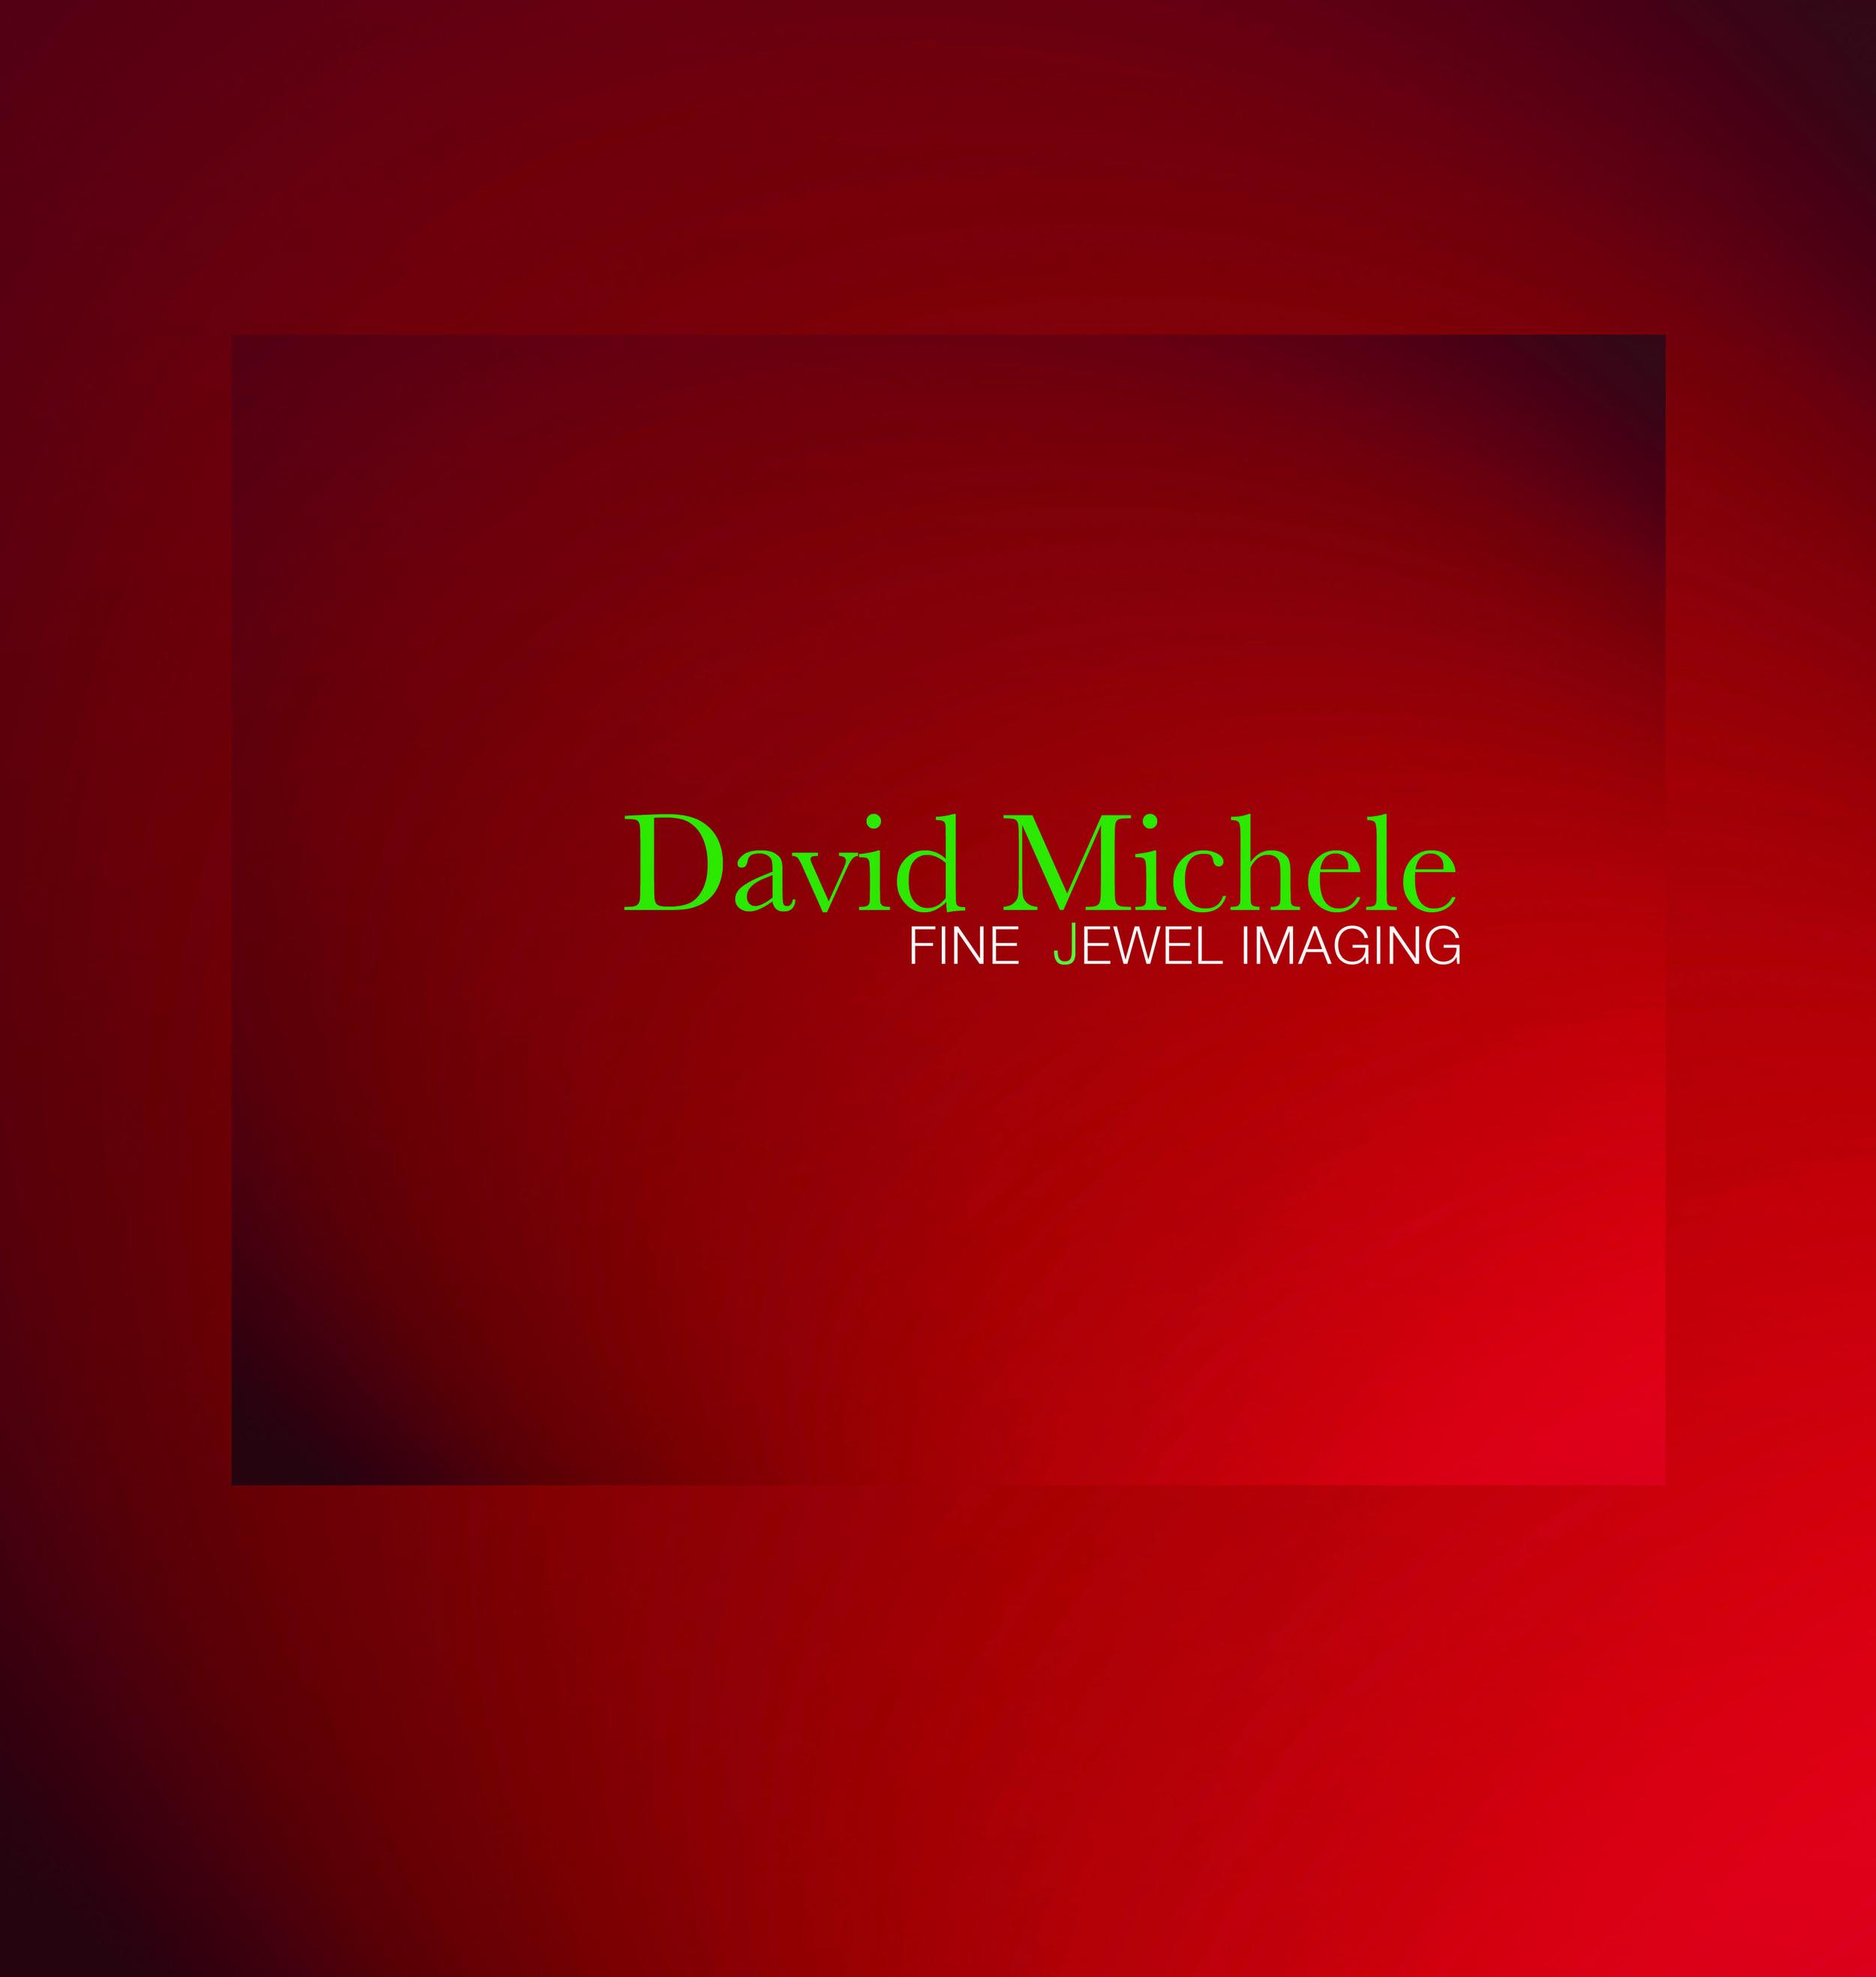 DAVIDMICHELE_FINEJEWELIMAGING.jpg